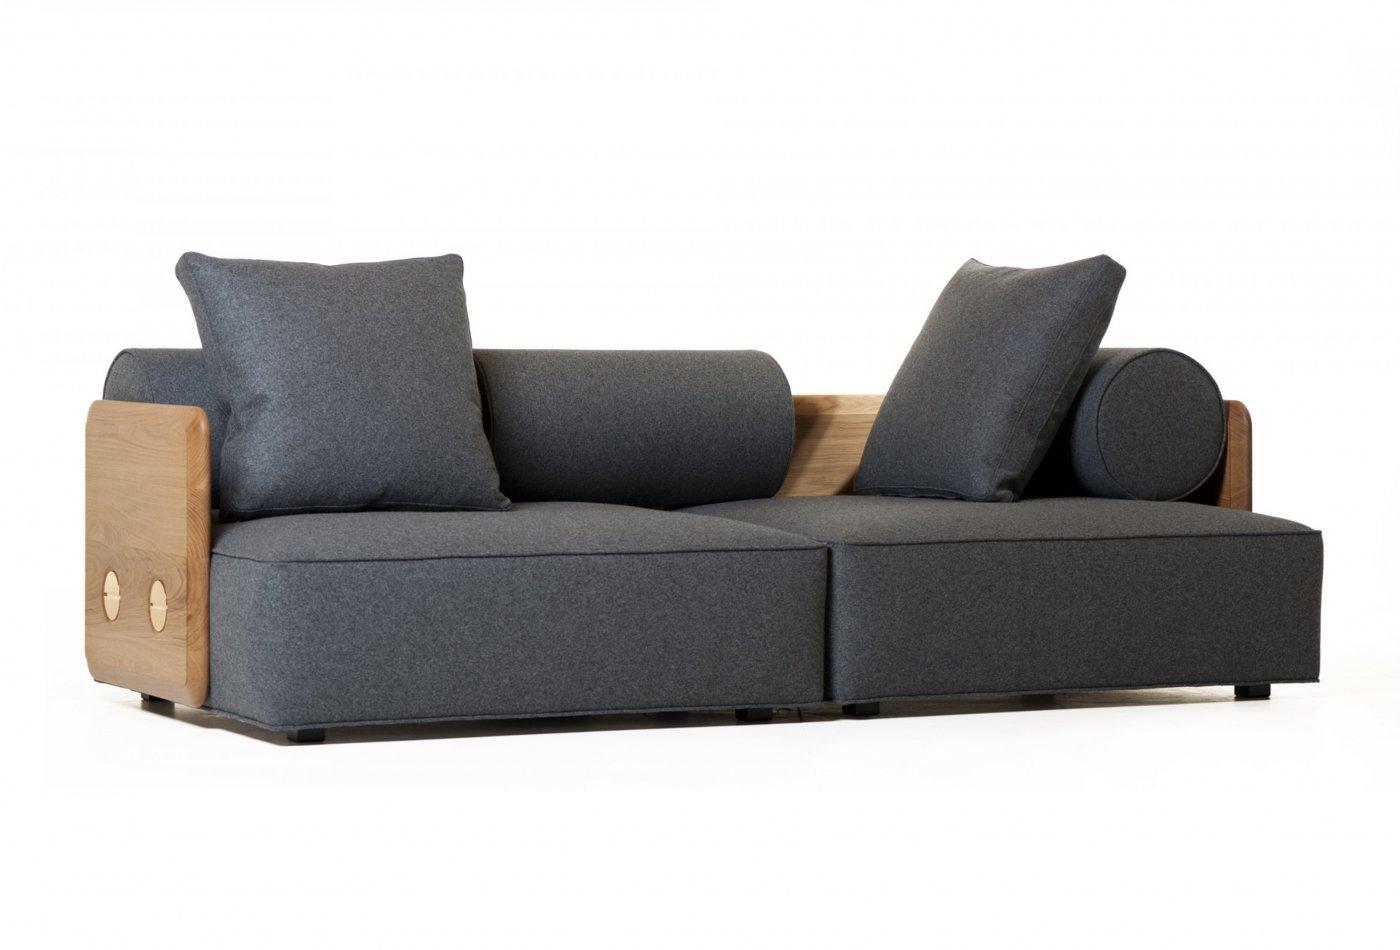 10 HighEnd and Handsome Contemporary Sofas